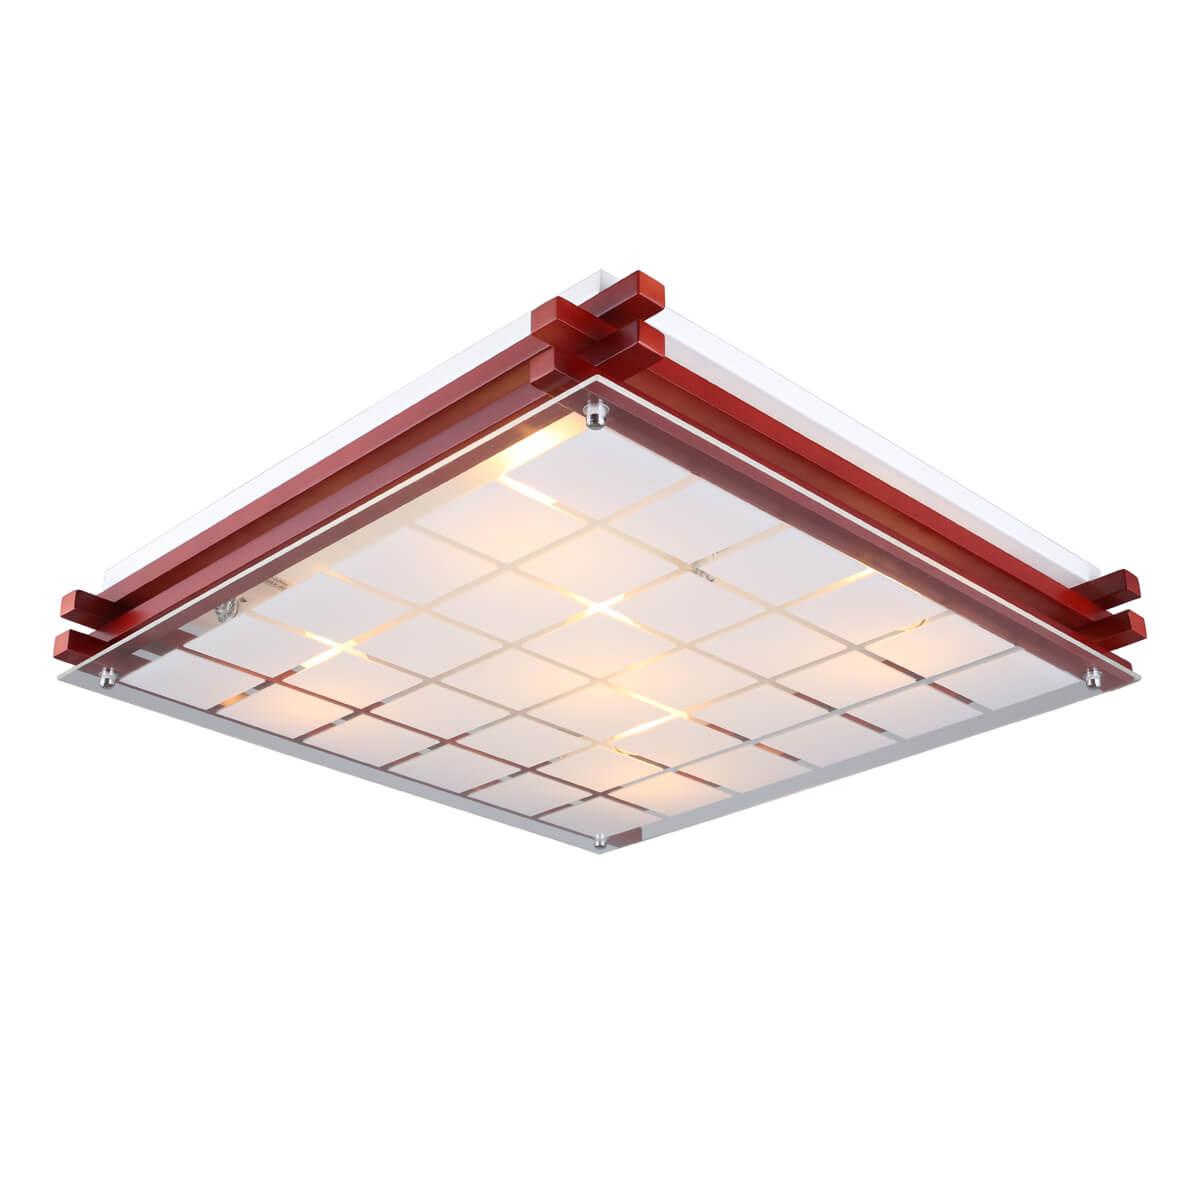 Потолочный светильник Omnilux OML-40527-04 цены онлайн